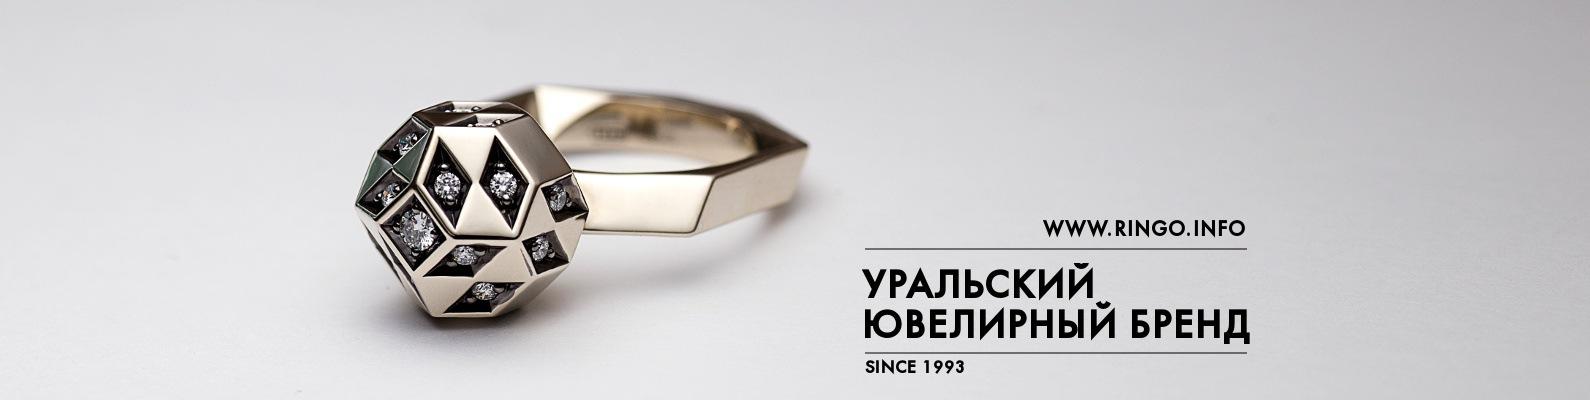 RINGO Jewelry   ВКонтакте 802226072b5